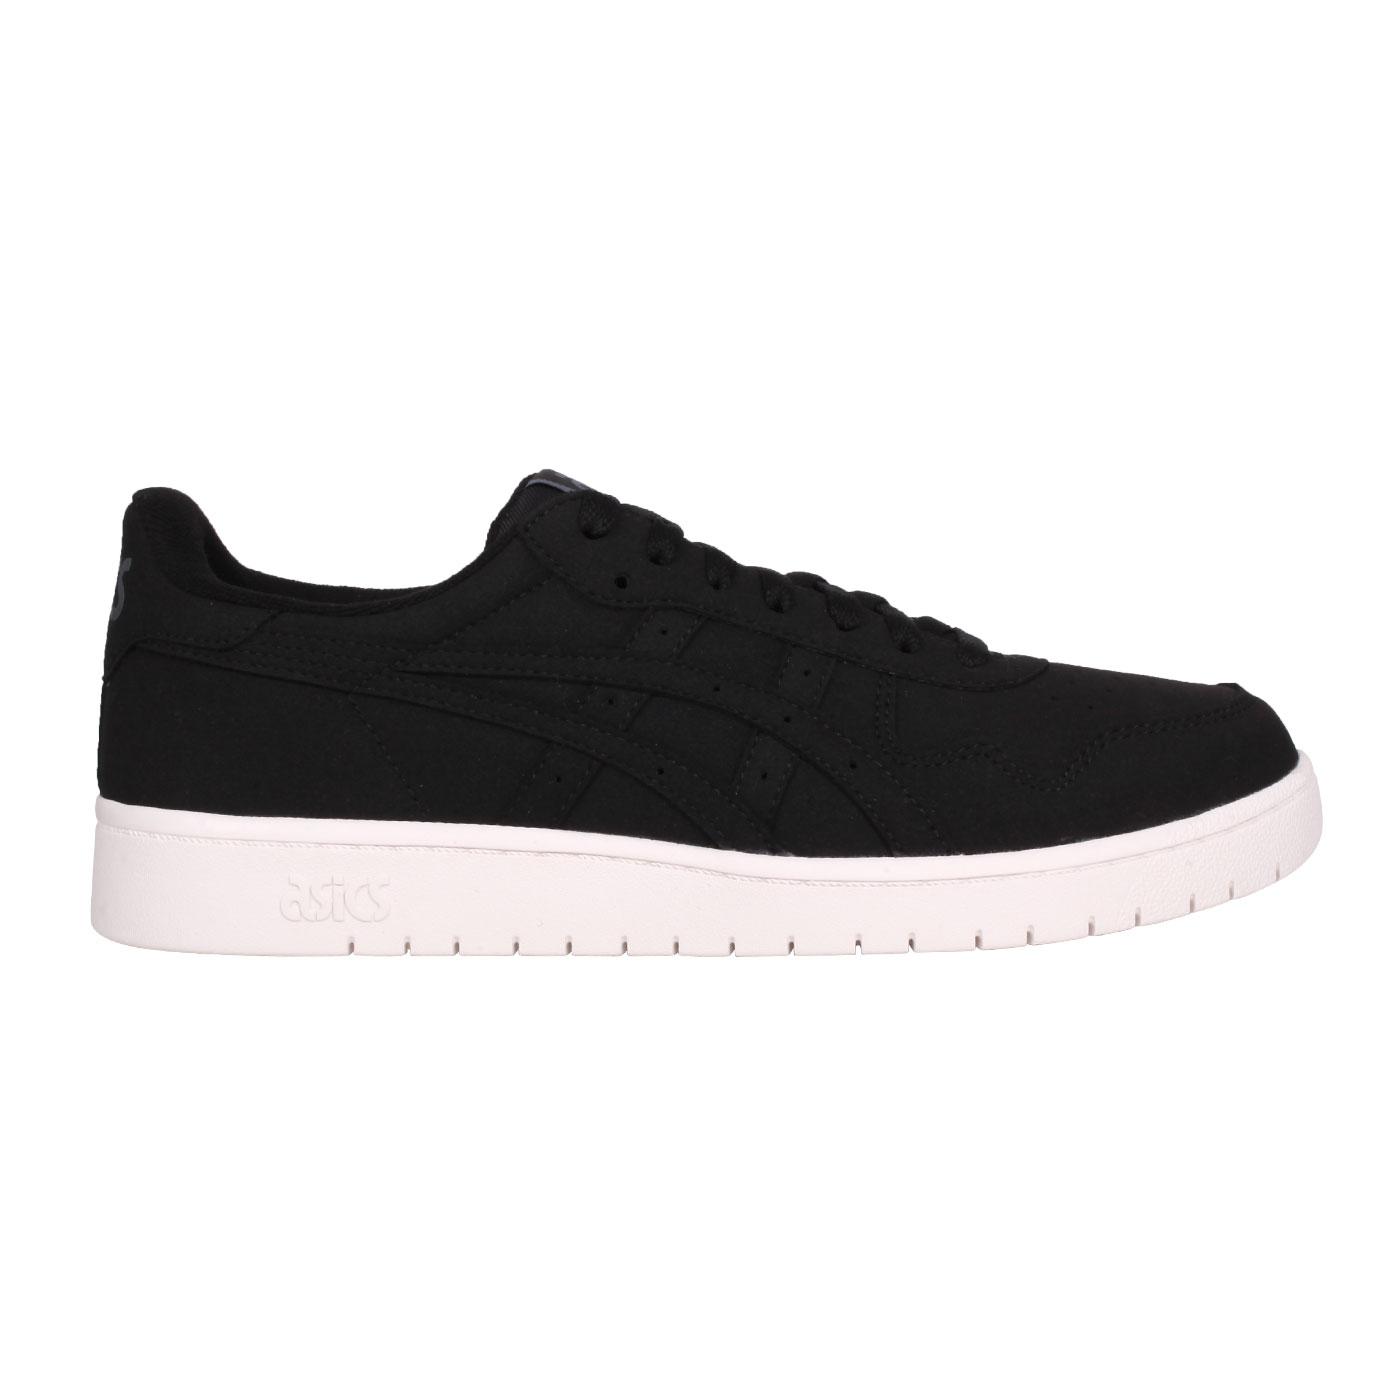 ASICS 男款休閒運動鞋  @JAPAN S@1191A318-001 - 黑